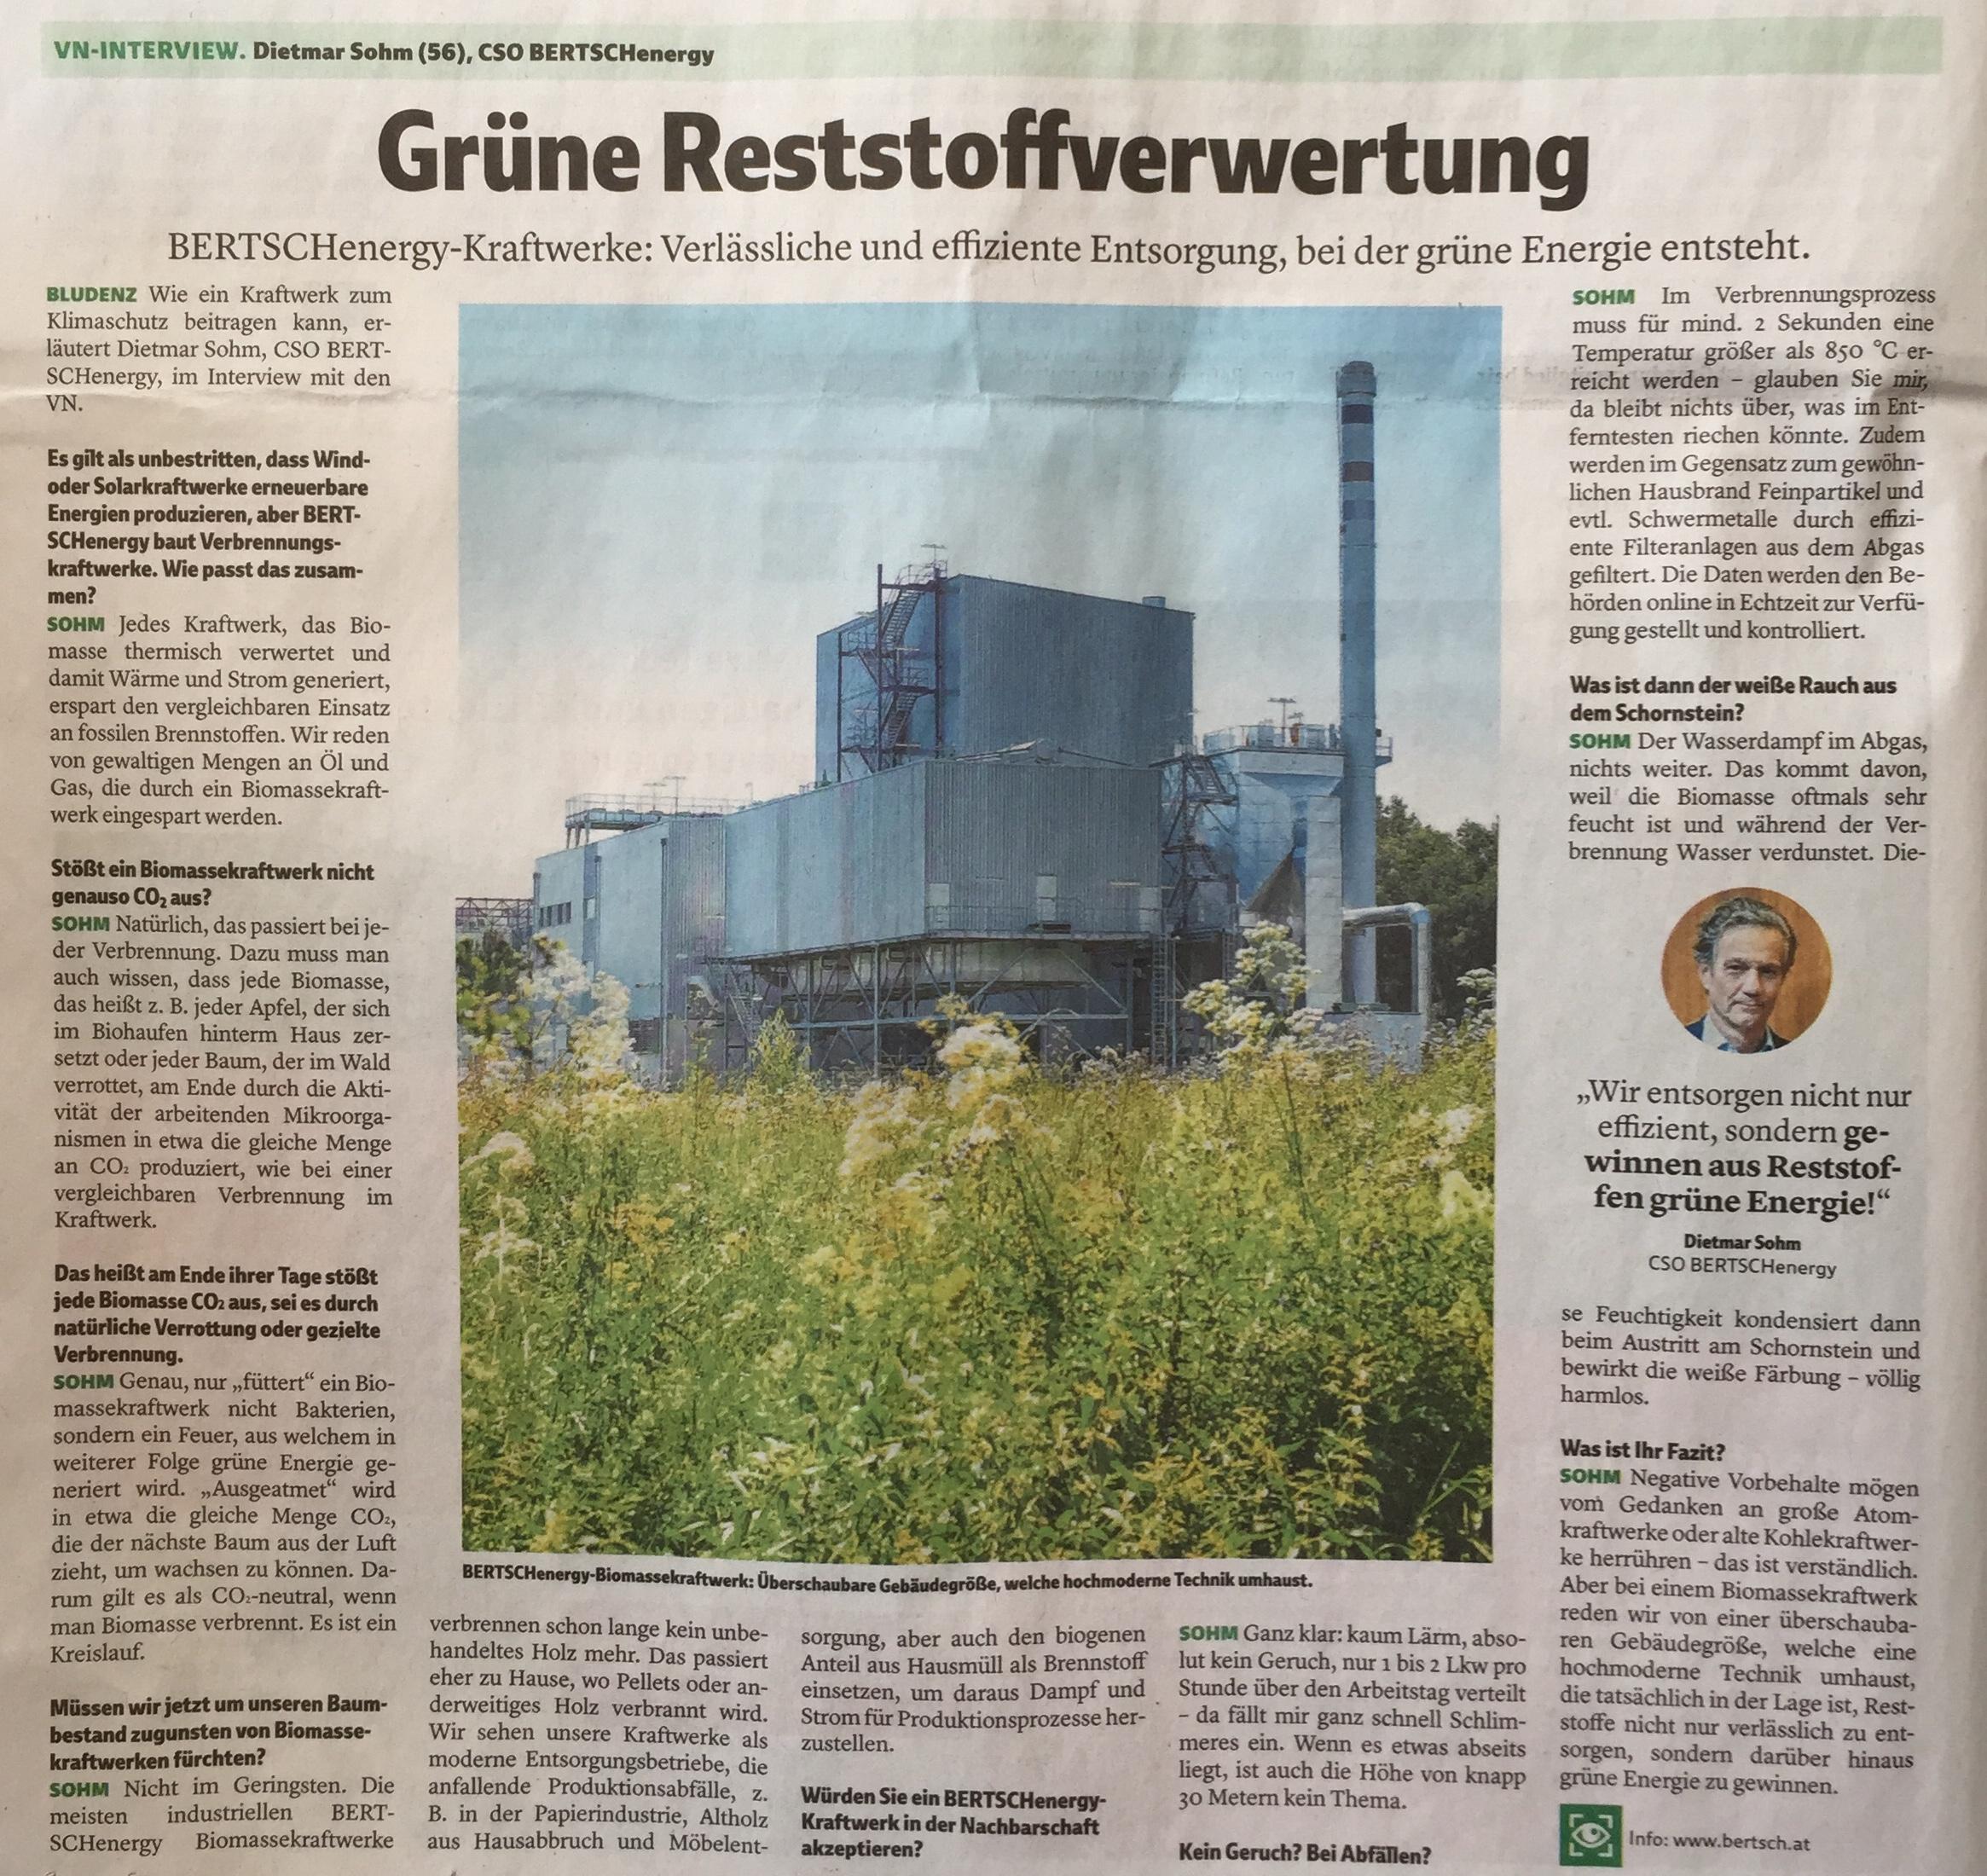 BERTSCHenergy-Kraftwerke stehen für effiziente Reststoffverwertung bei der grüne Energie entsteht, www.bertsch.at